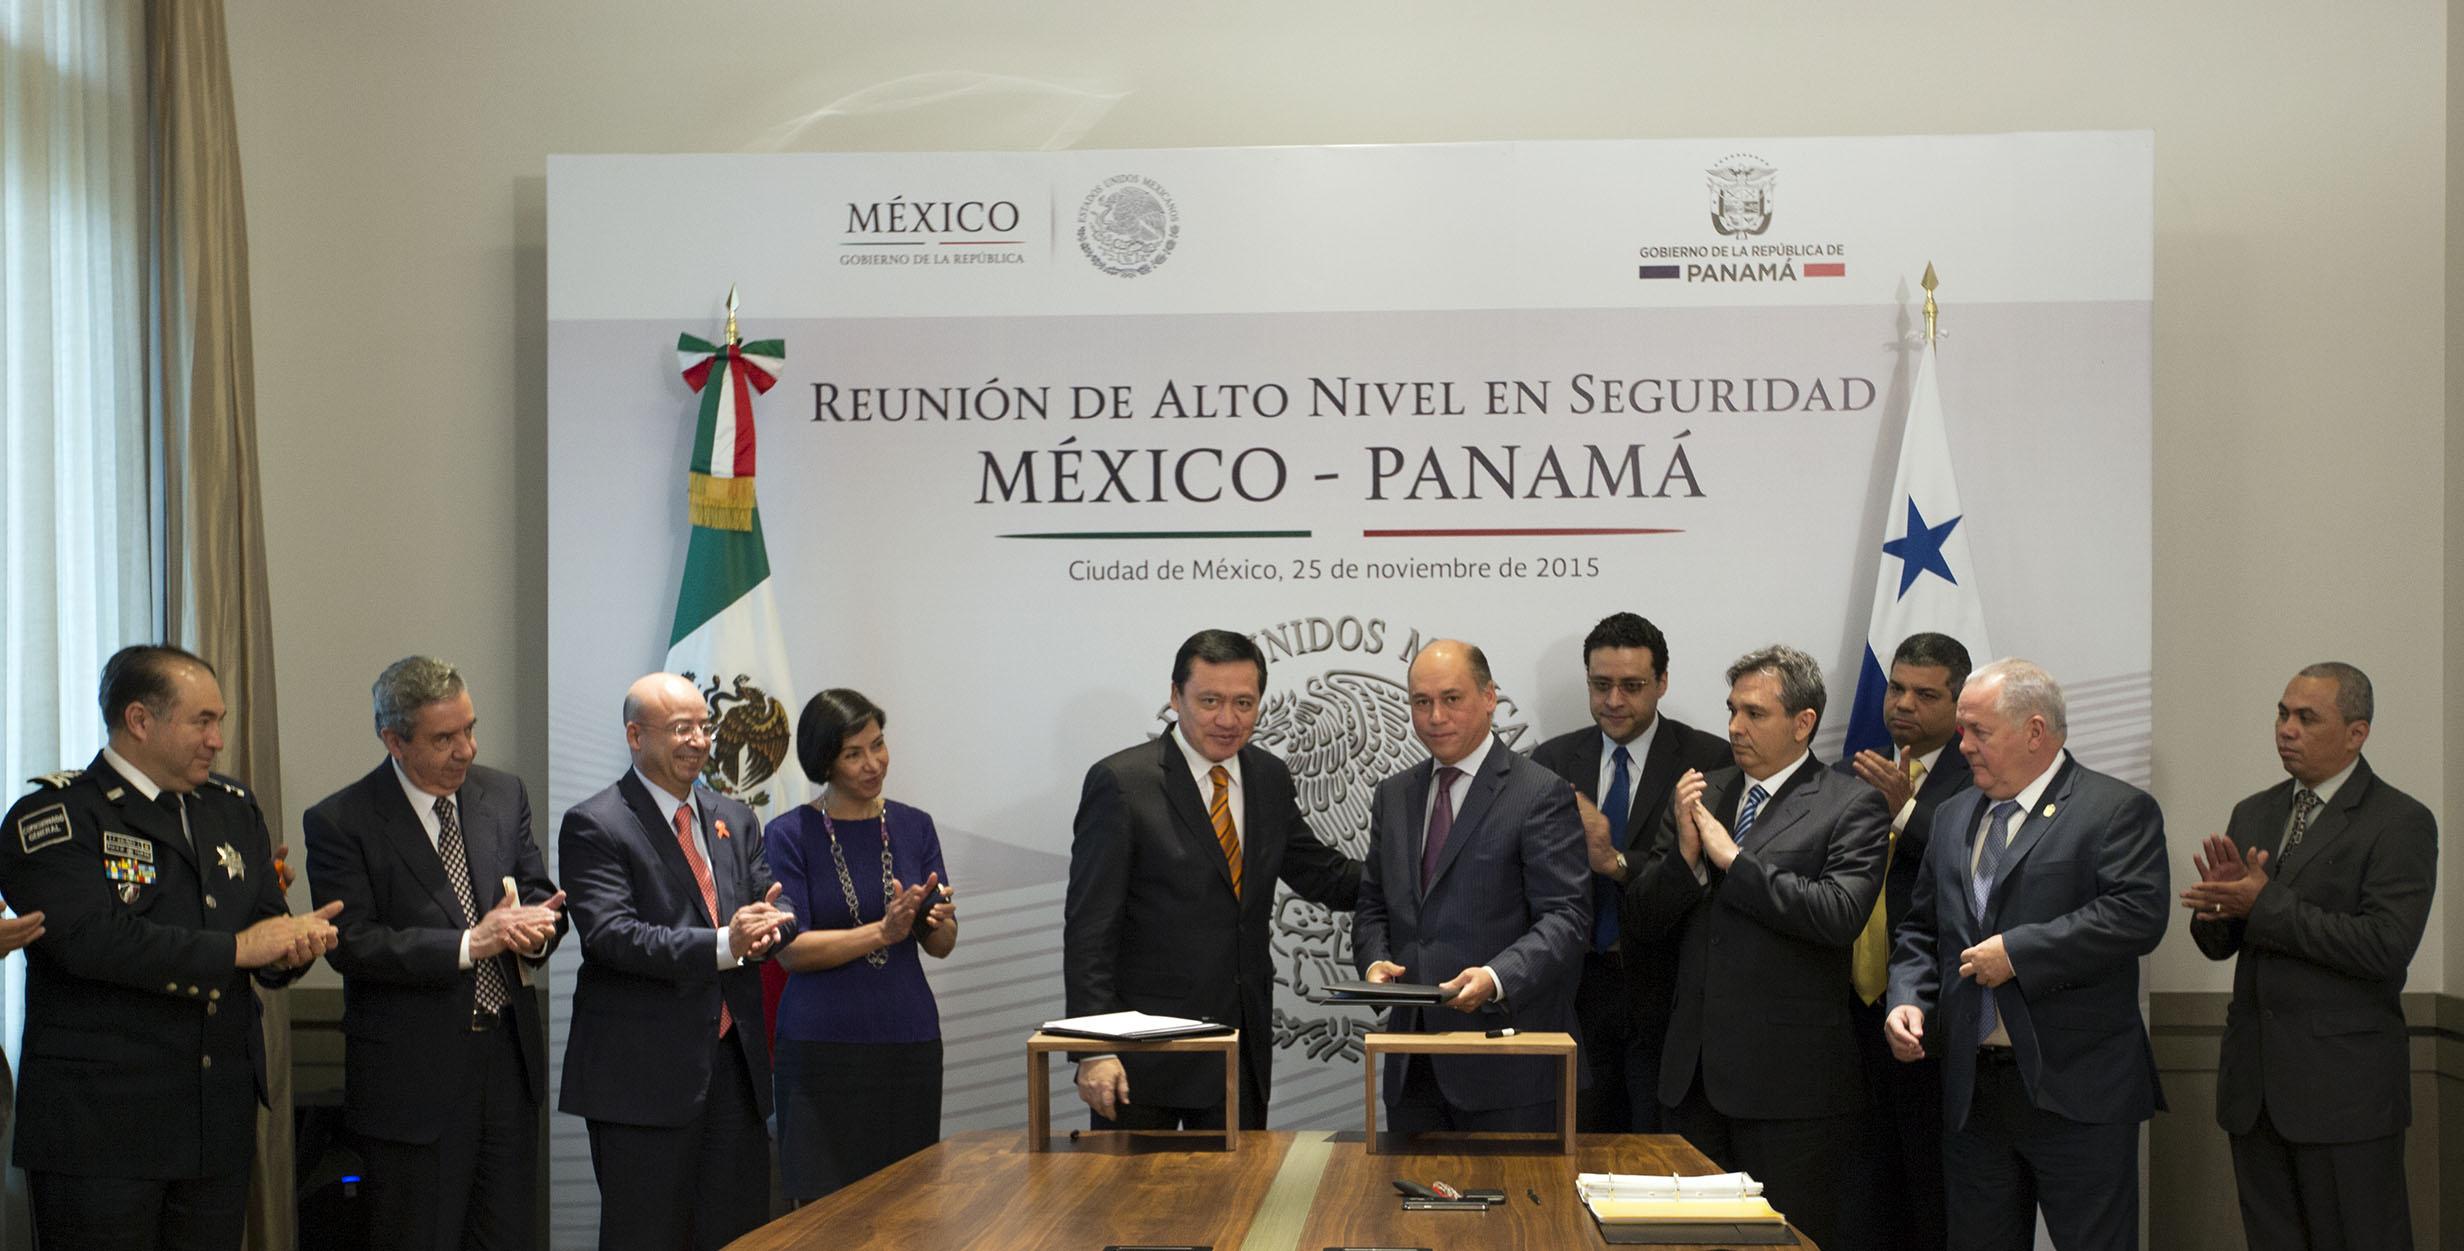 El Secretario de Gobernación, Miguel Ángel Osorio Chong, y el Ministro de Seguridad de Panamá, Rodolfo Aguilera Franceschi, durante la Reunión de Alto Nivel de Seguridad México-Panamá